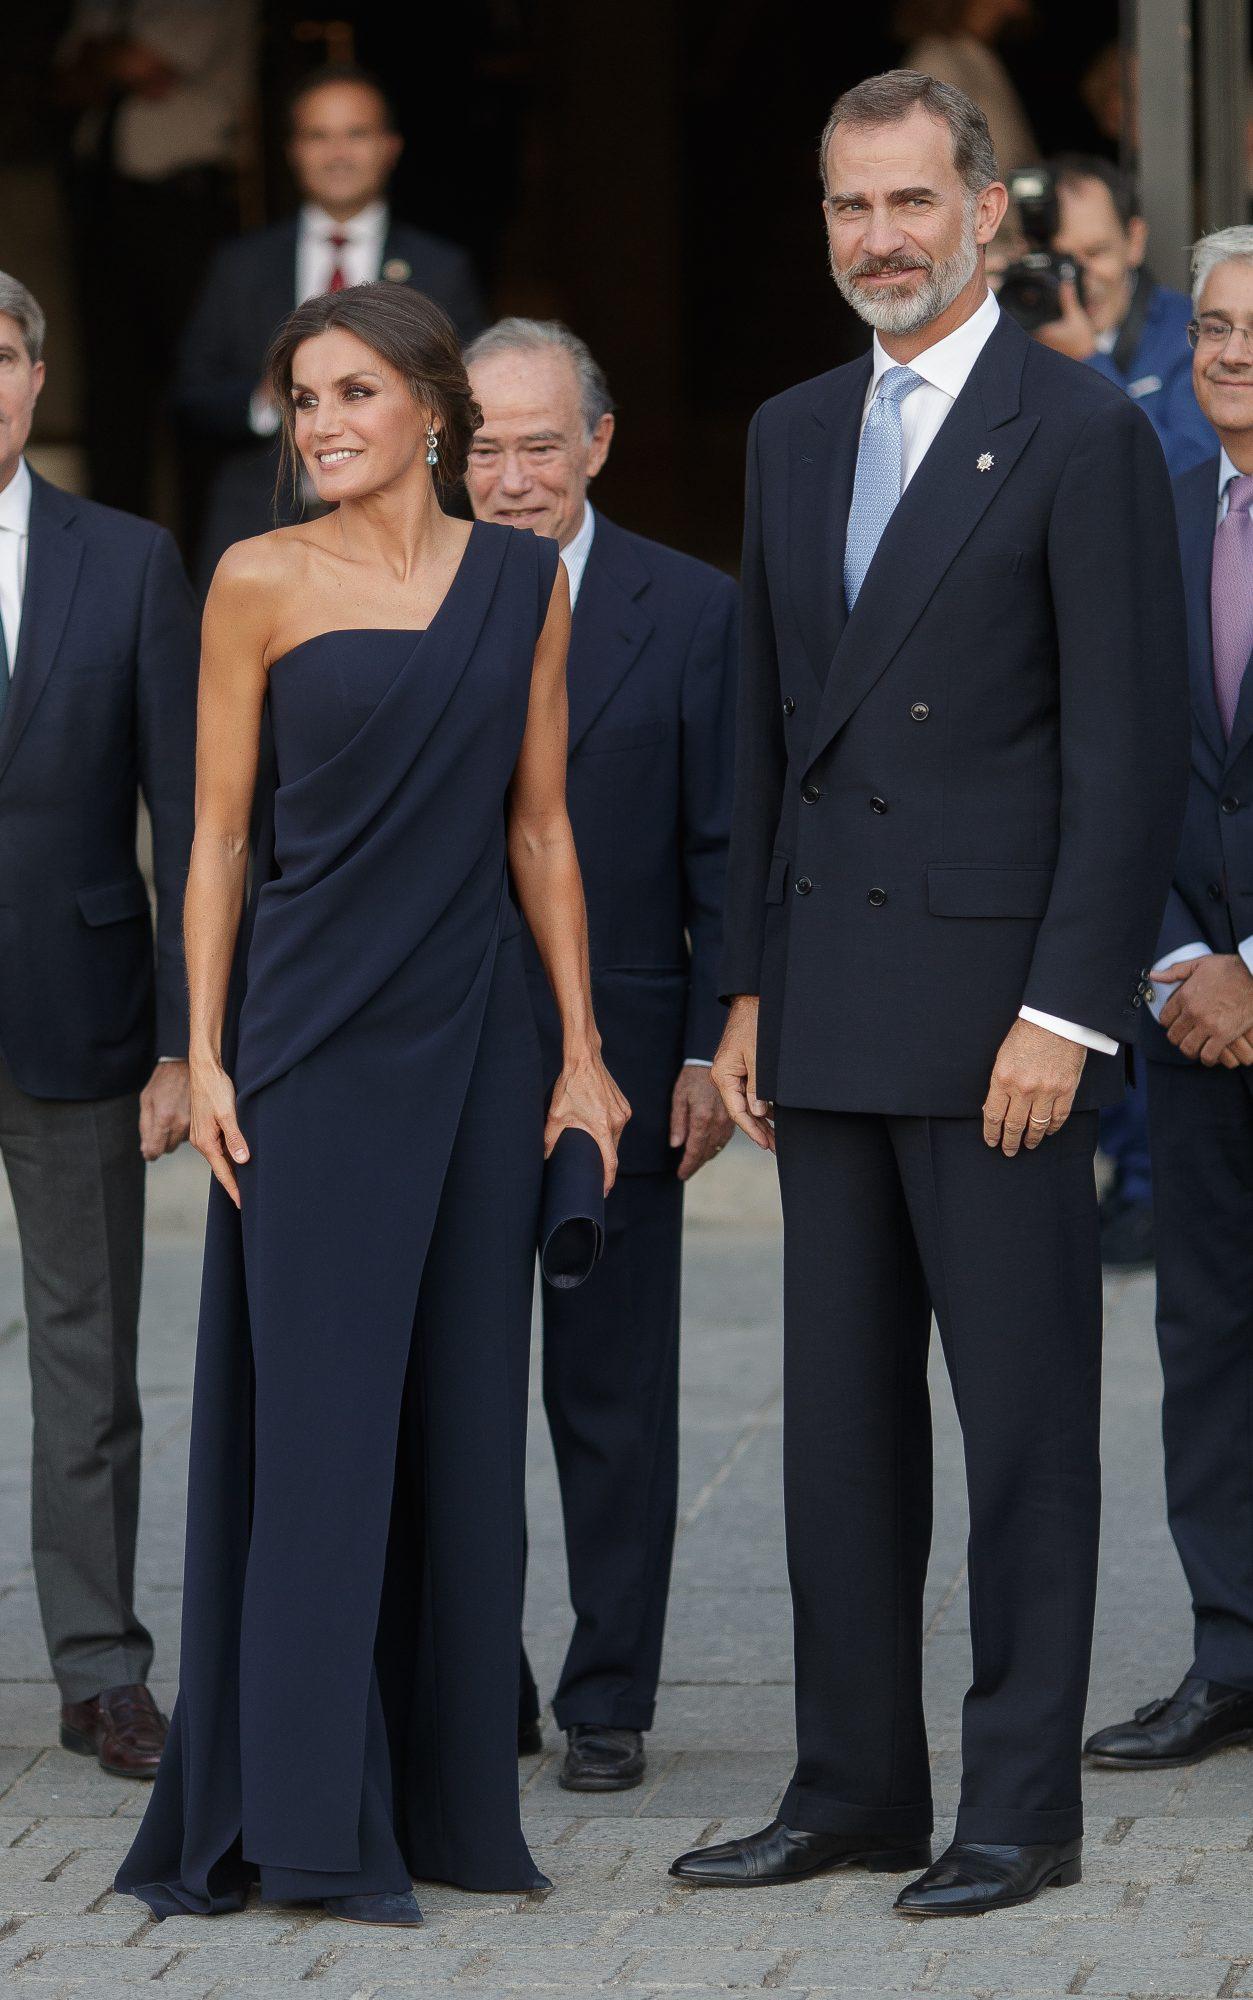 Reina Letizia, estilo, look, reina